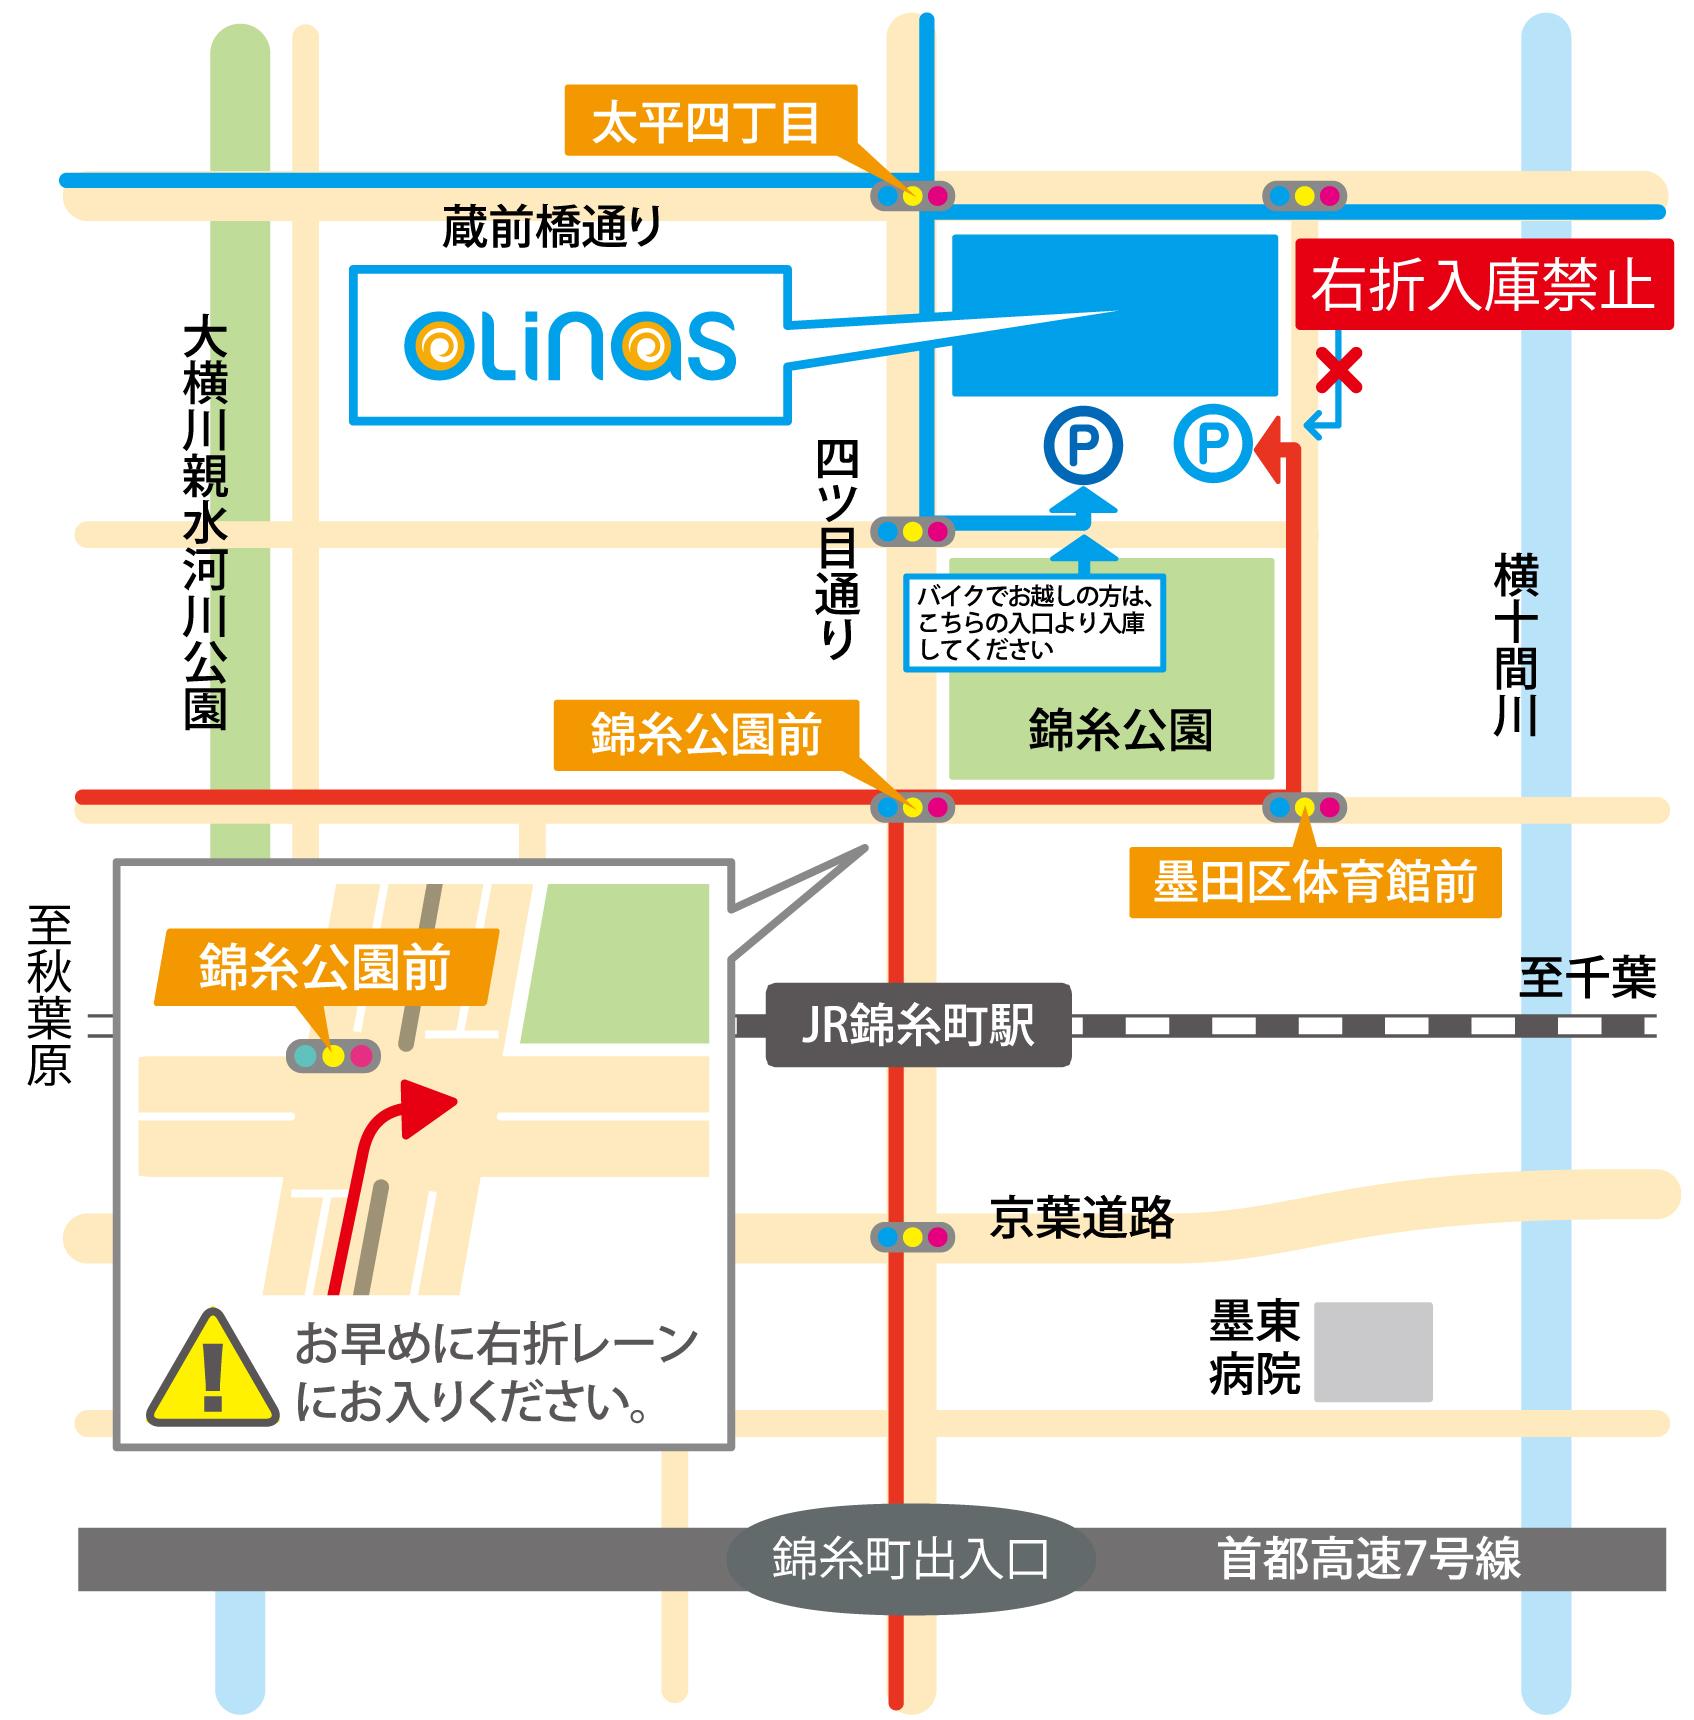 オリナス 錦糸 町